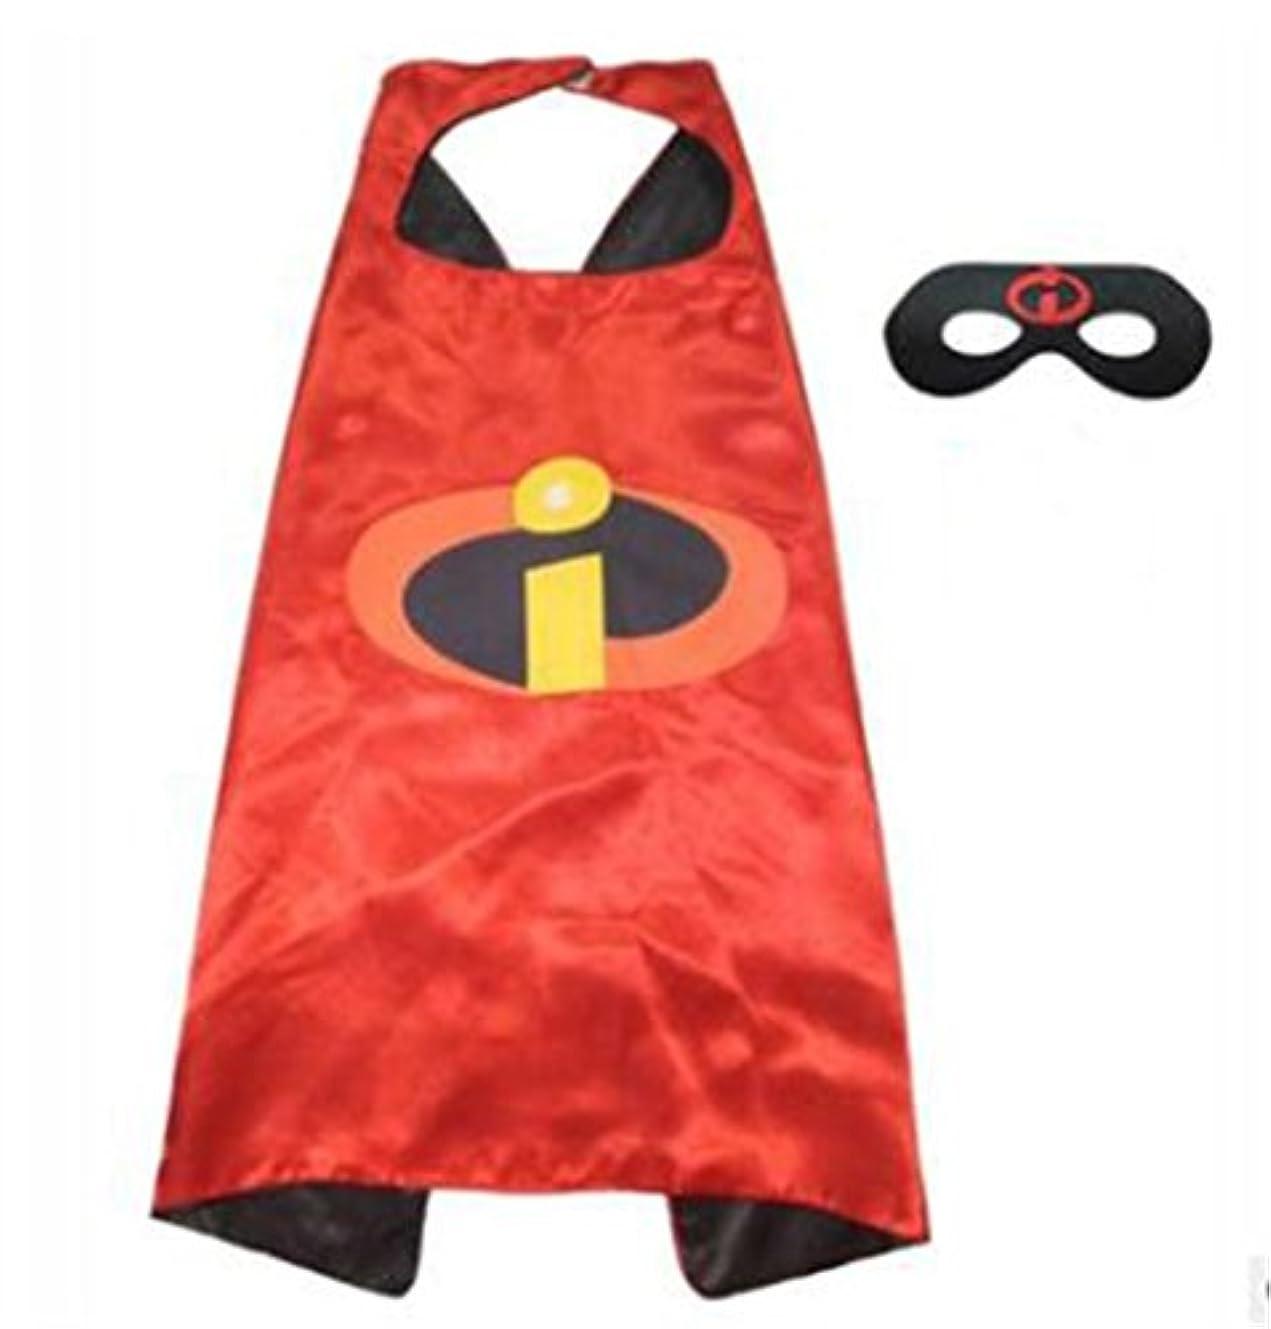 討論おなじみの目を覚ますOidoery 子供用スーパーヒーローケープ 両面サテンケープとマスク ドレスアップコスチューム用 (S, バットマン)